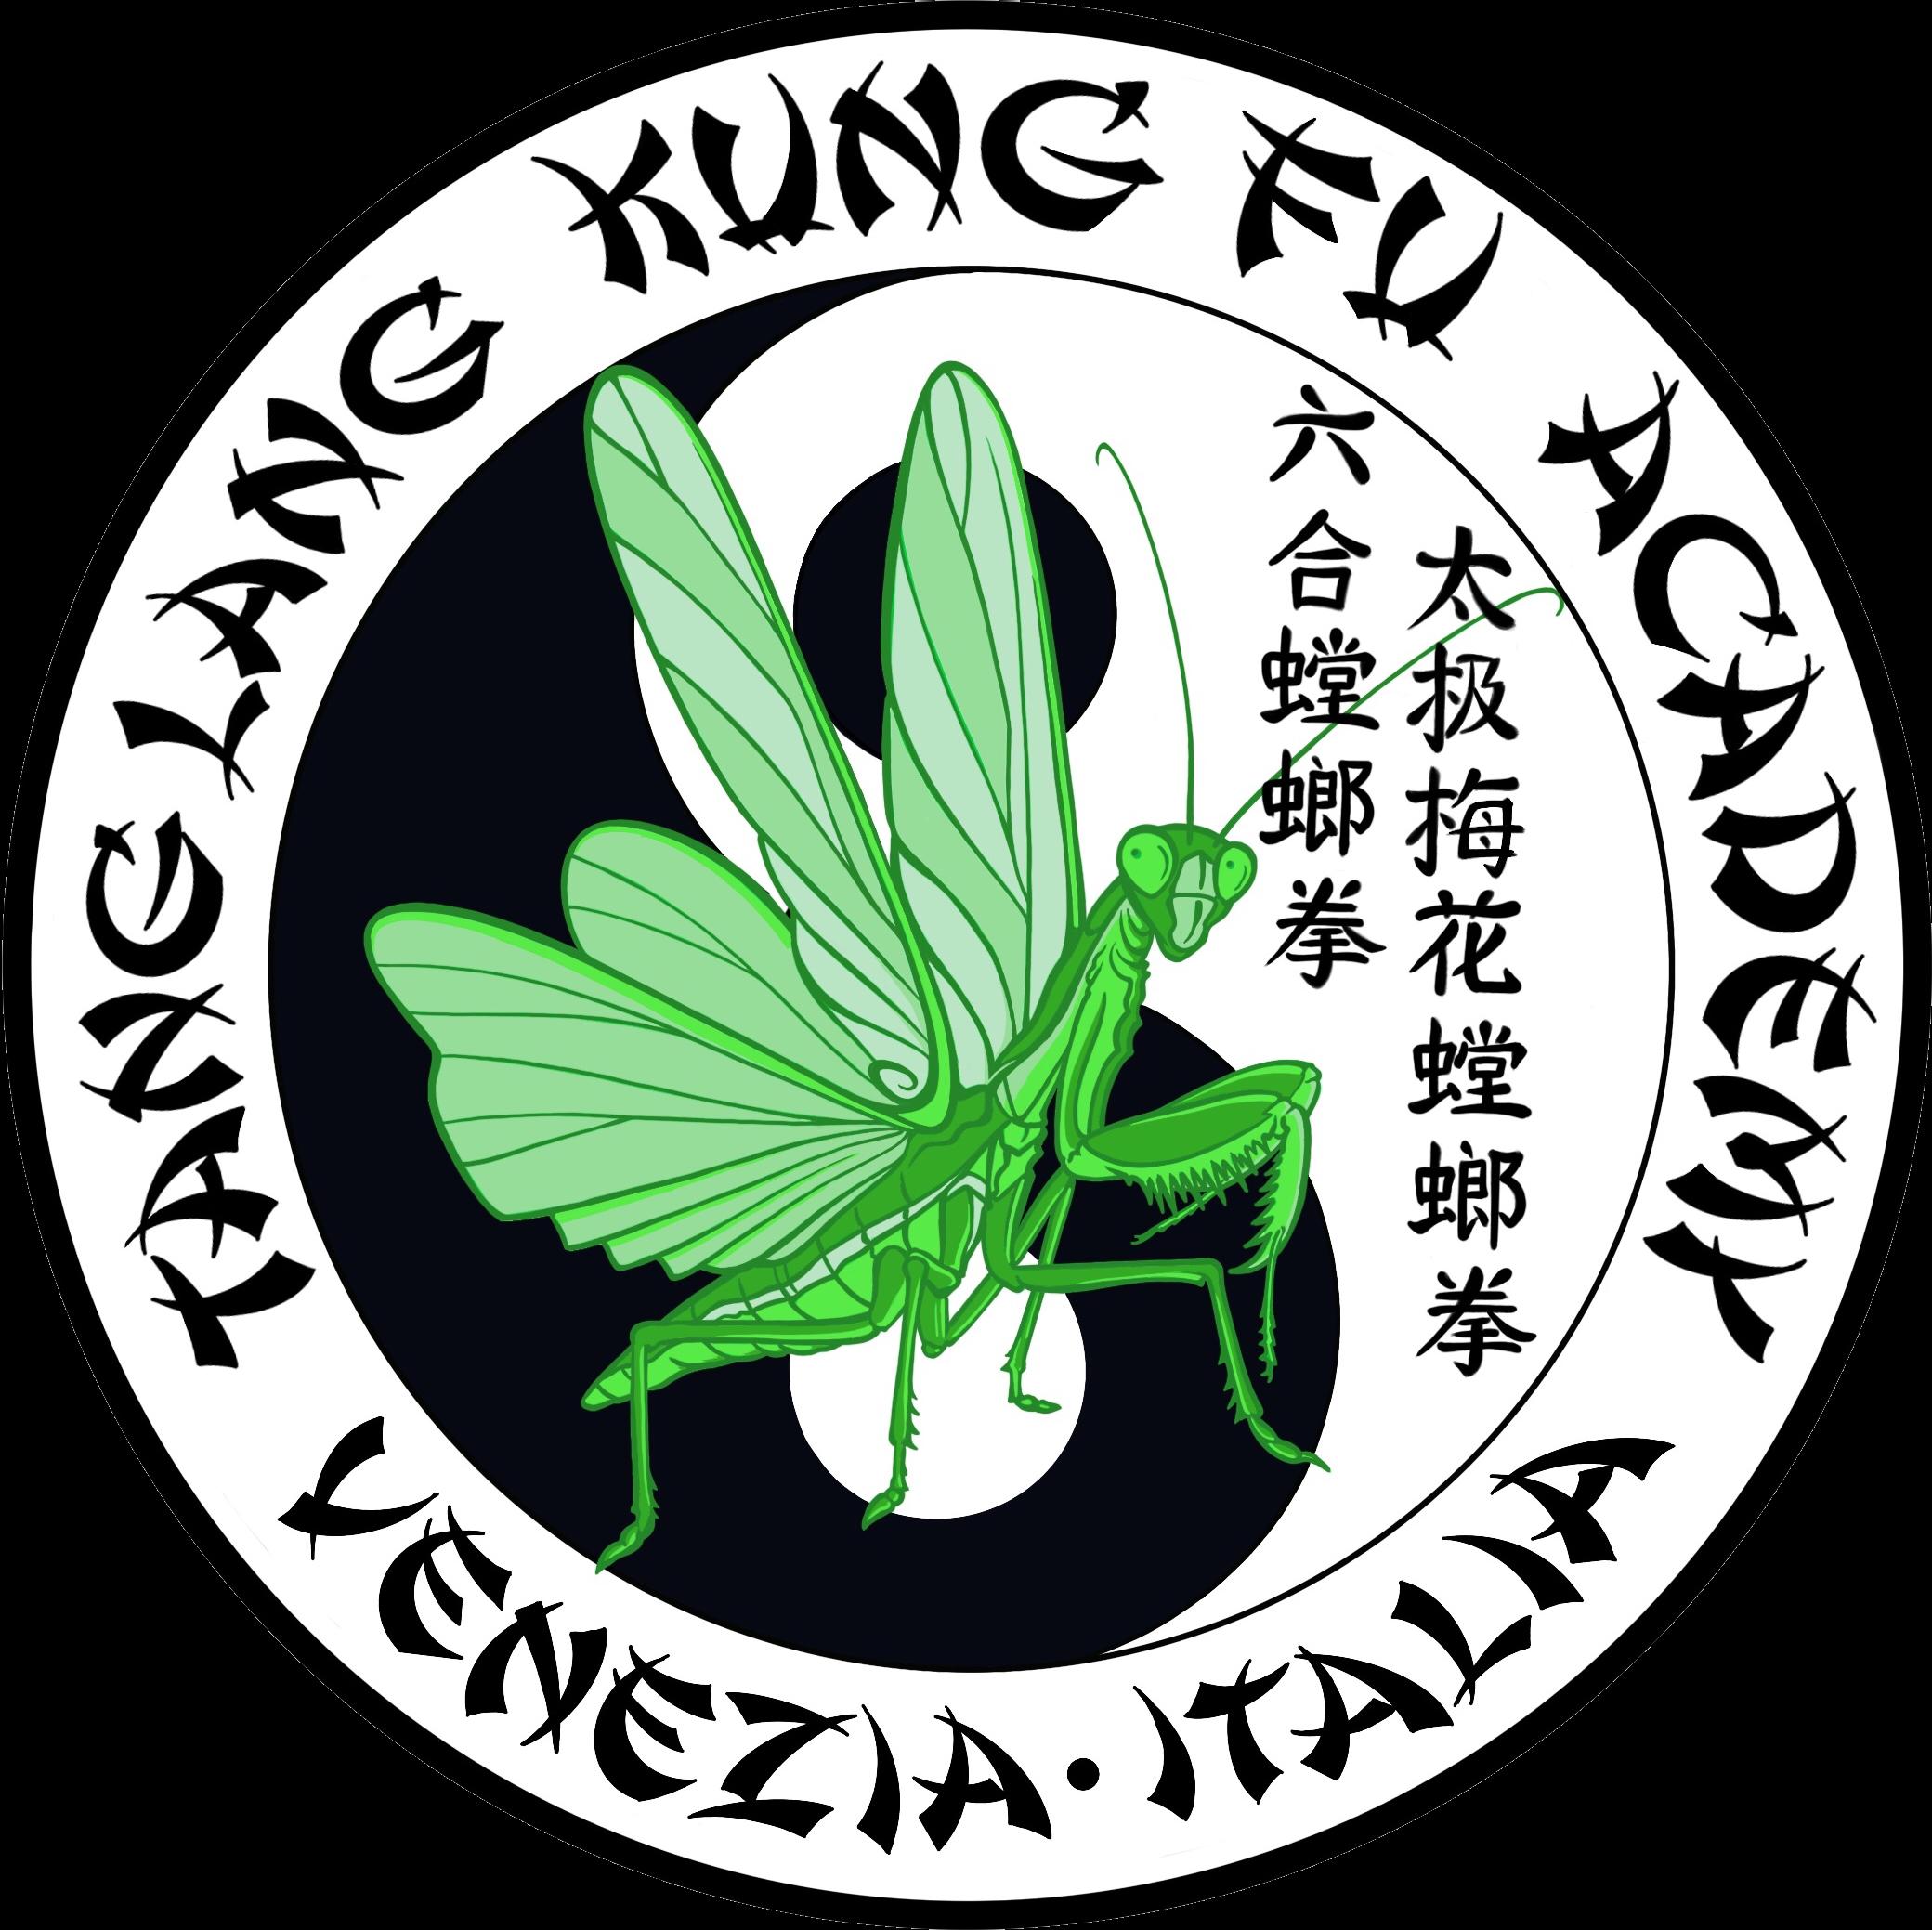 TANG LANG KUNG FU ACADEMY